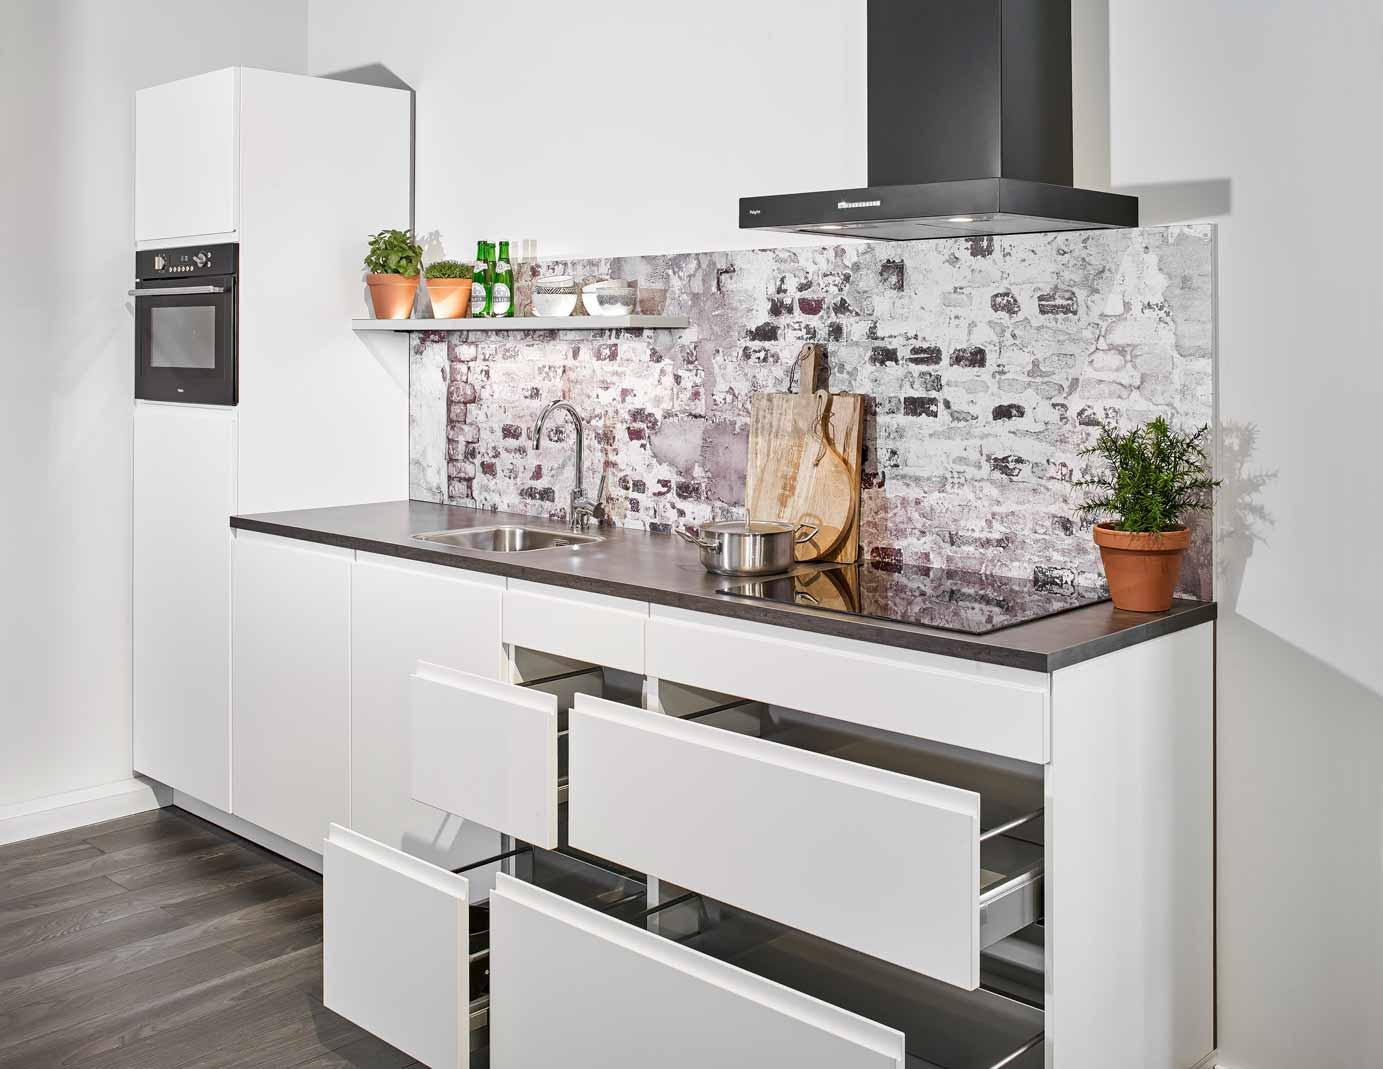 Tegels Keuken Scandinavisch : Rechte witte keuken met greeploze fronten db keukens